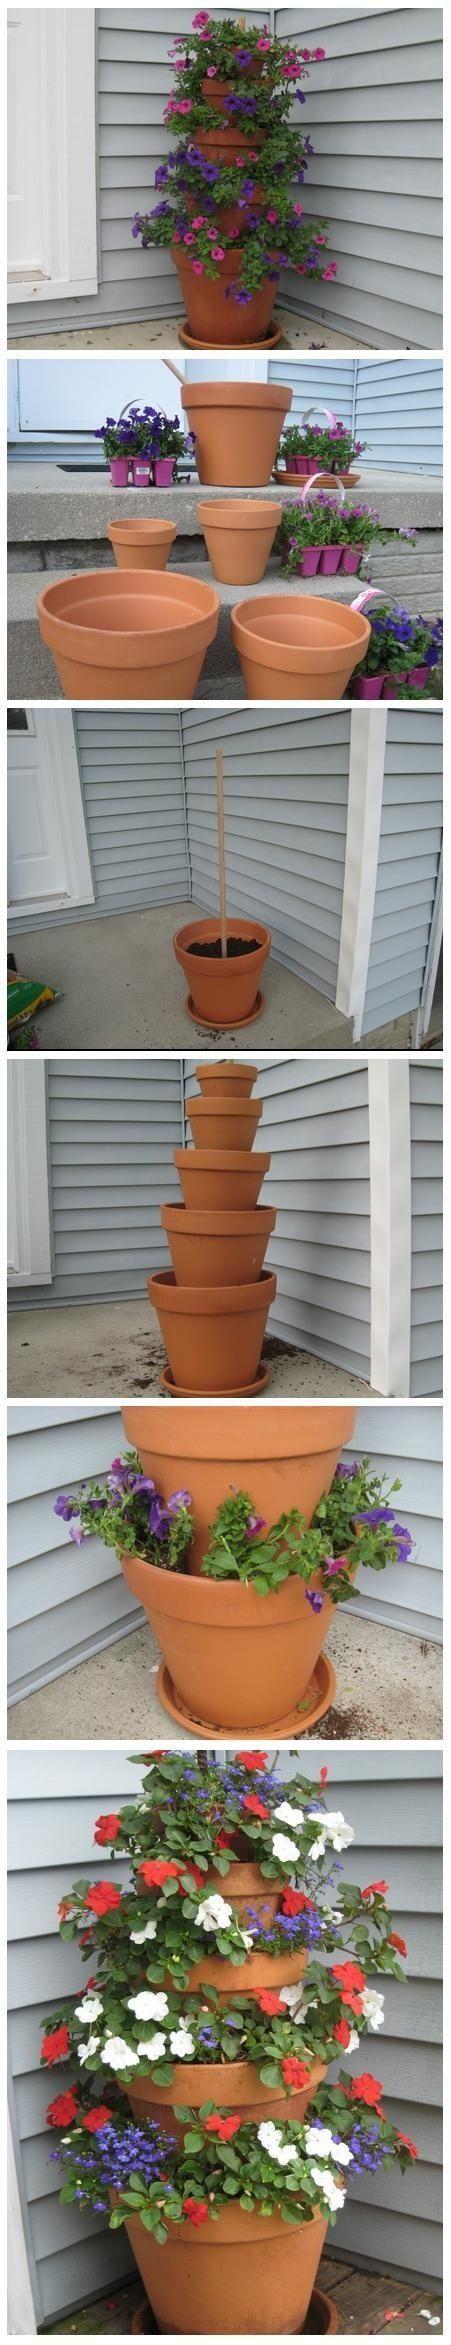 20 Best Outside Images On Pinterest Gardening Back Garden Ideas  # Muebles Nullius